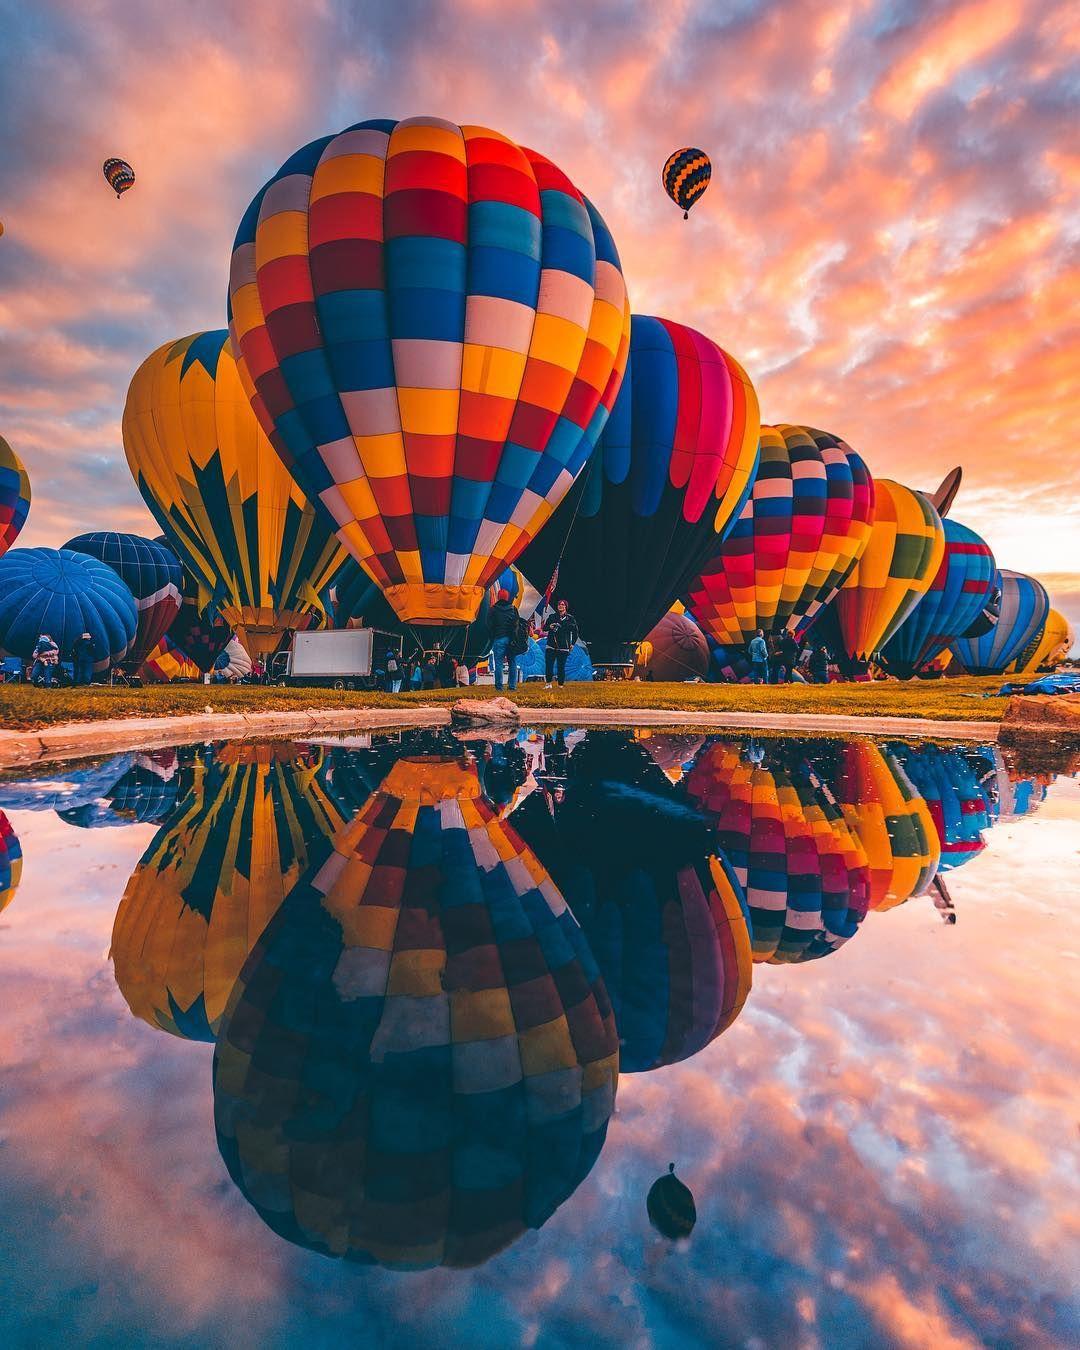 bklyphoto Albuquerque balloon festival, Hot air balloon